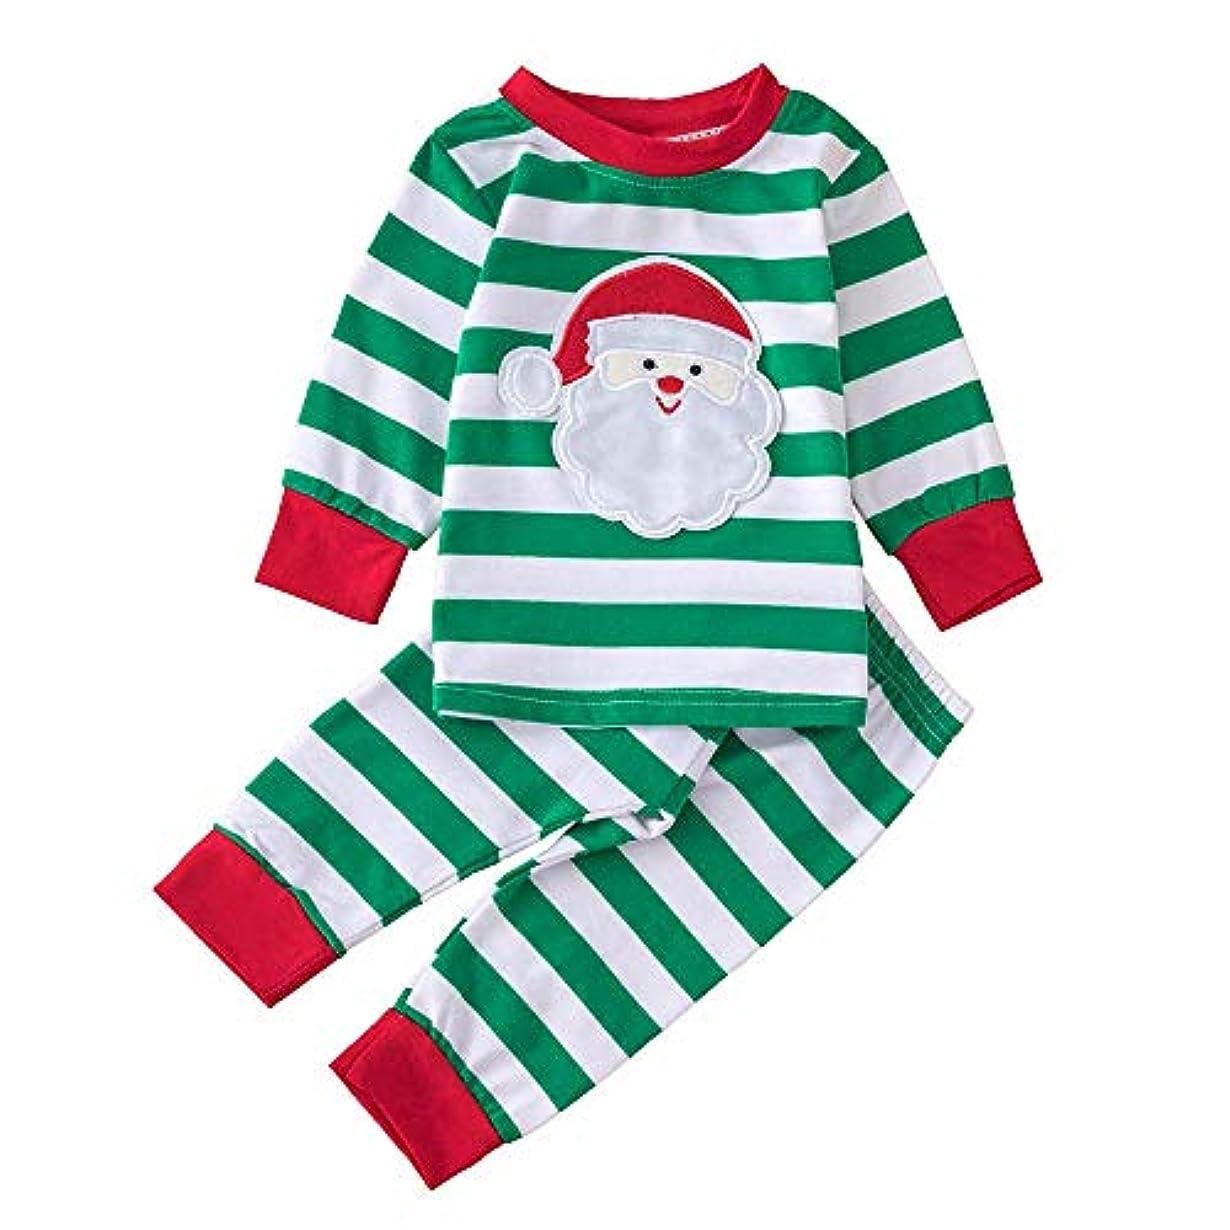 名前移動する必要条件BHKK 赤ちゃん幼児の少年少女のレタートップスTシャツ+パンツクリスマスコスチュームセット 6 ヶ月-3 歳 3歳